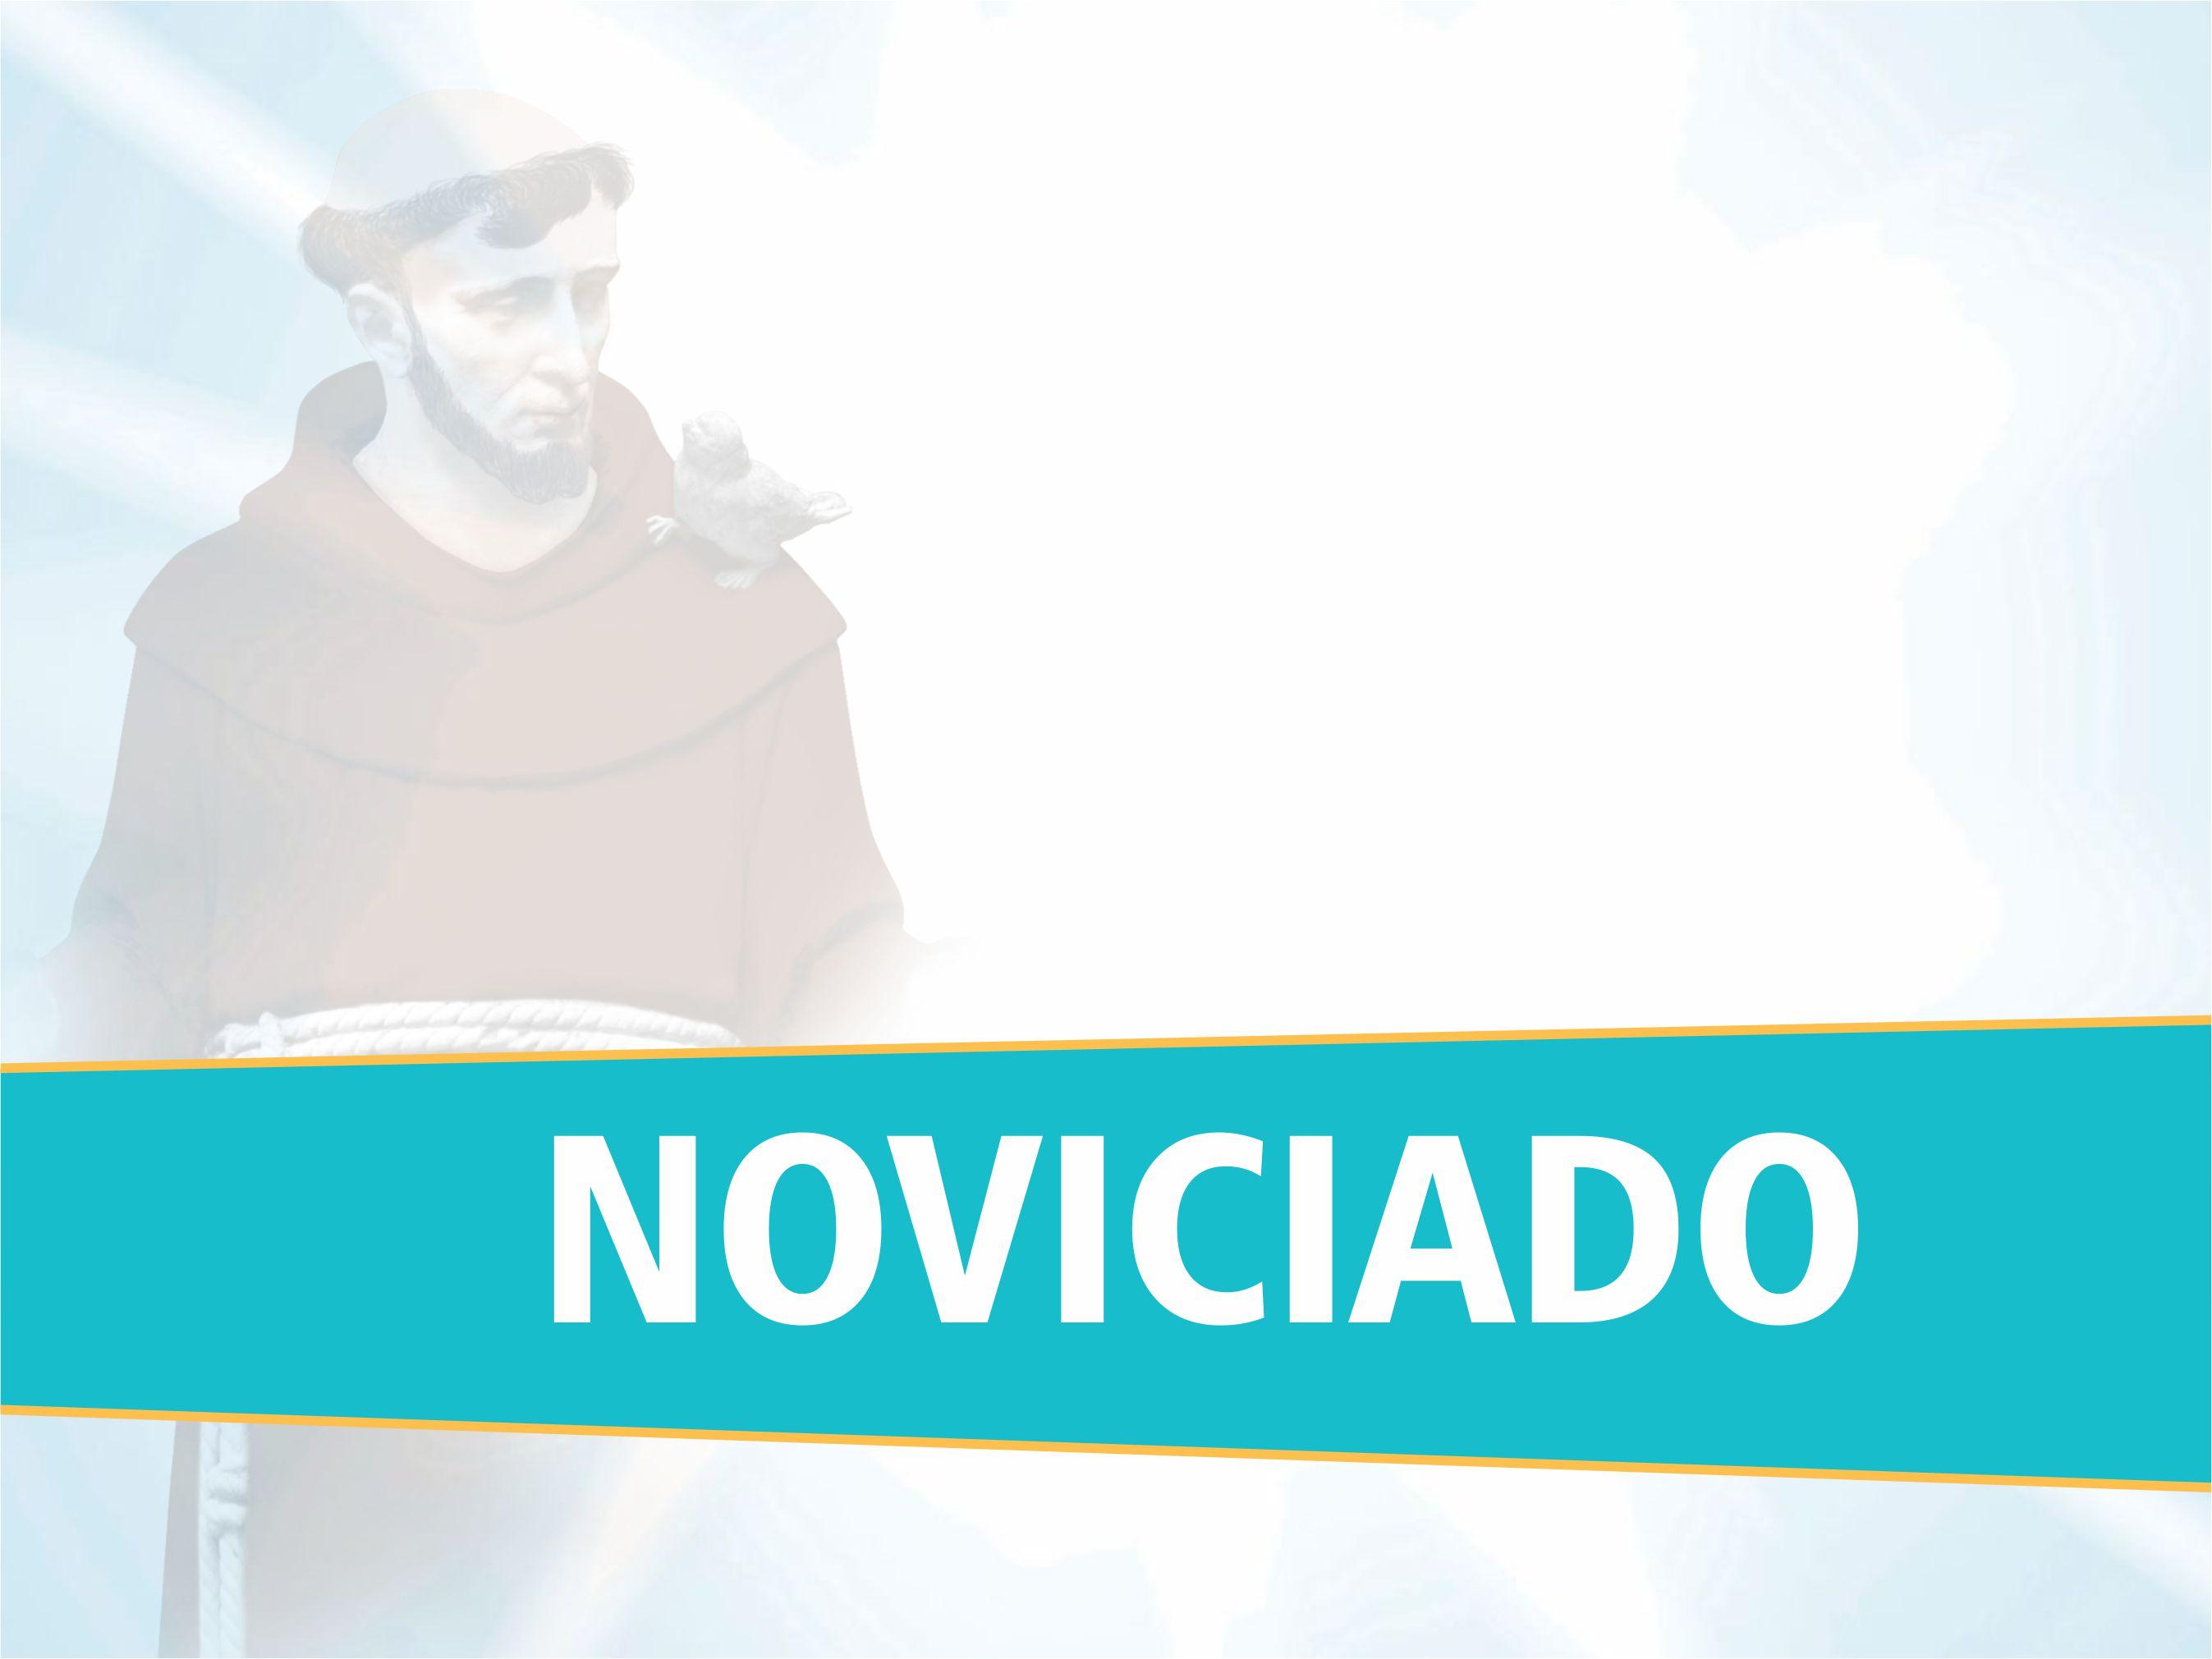 NOVICIADO